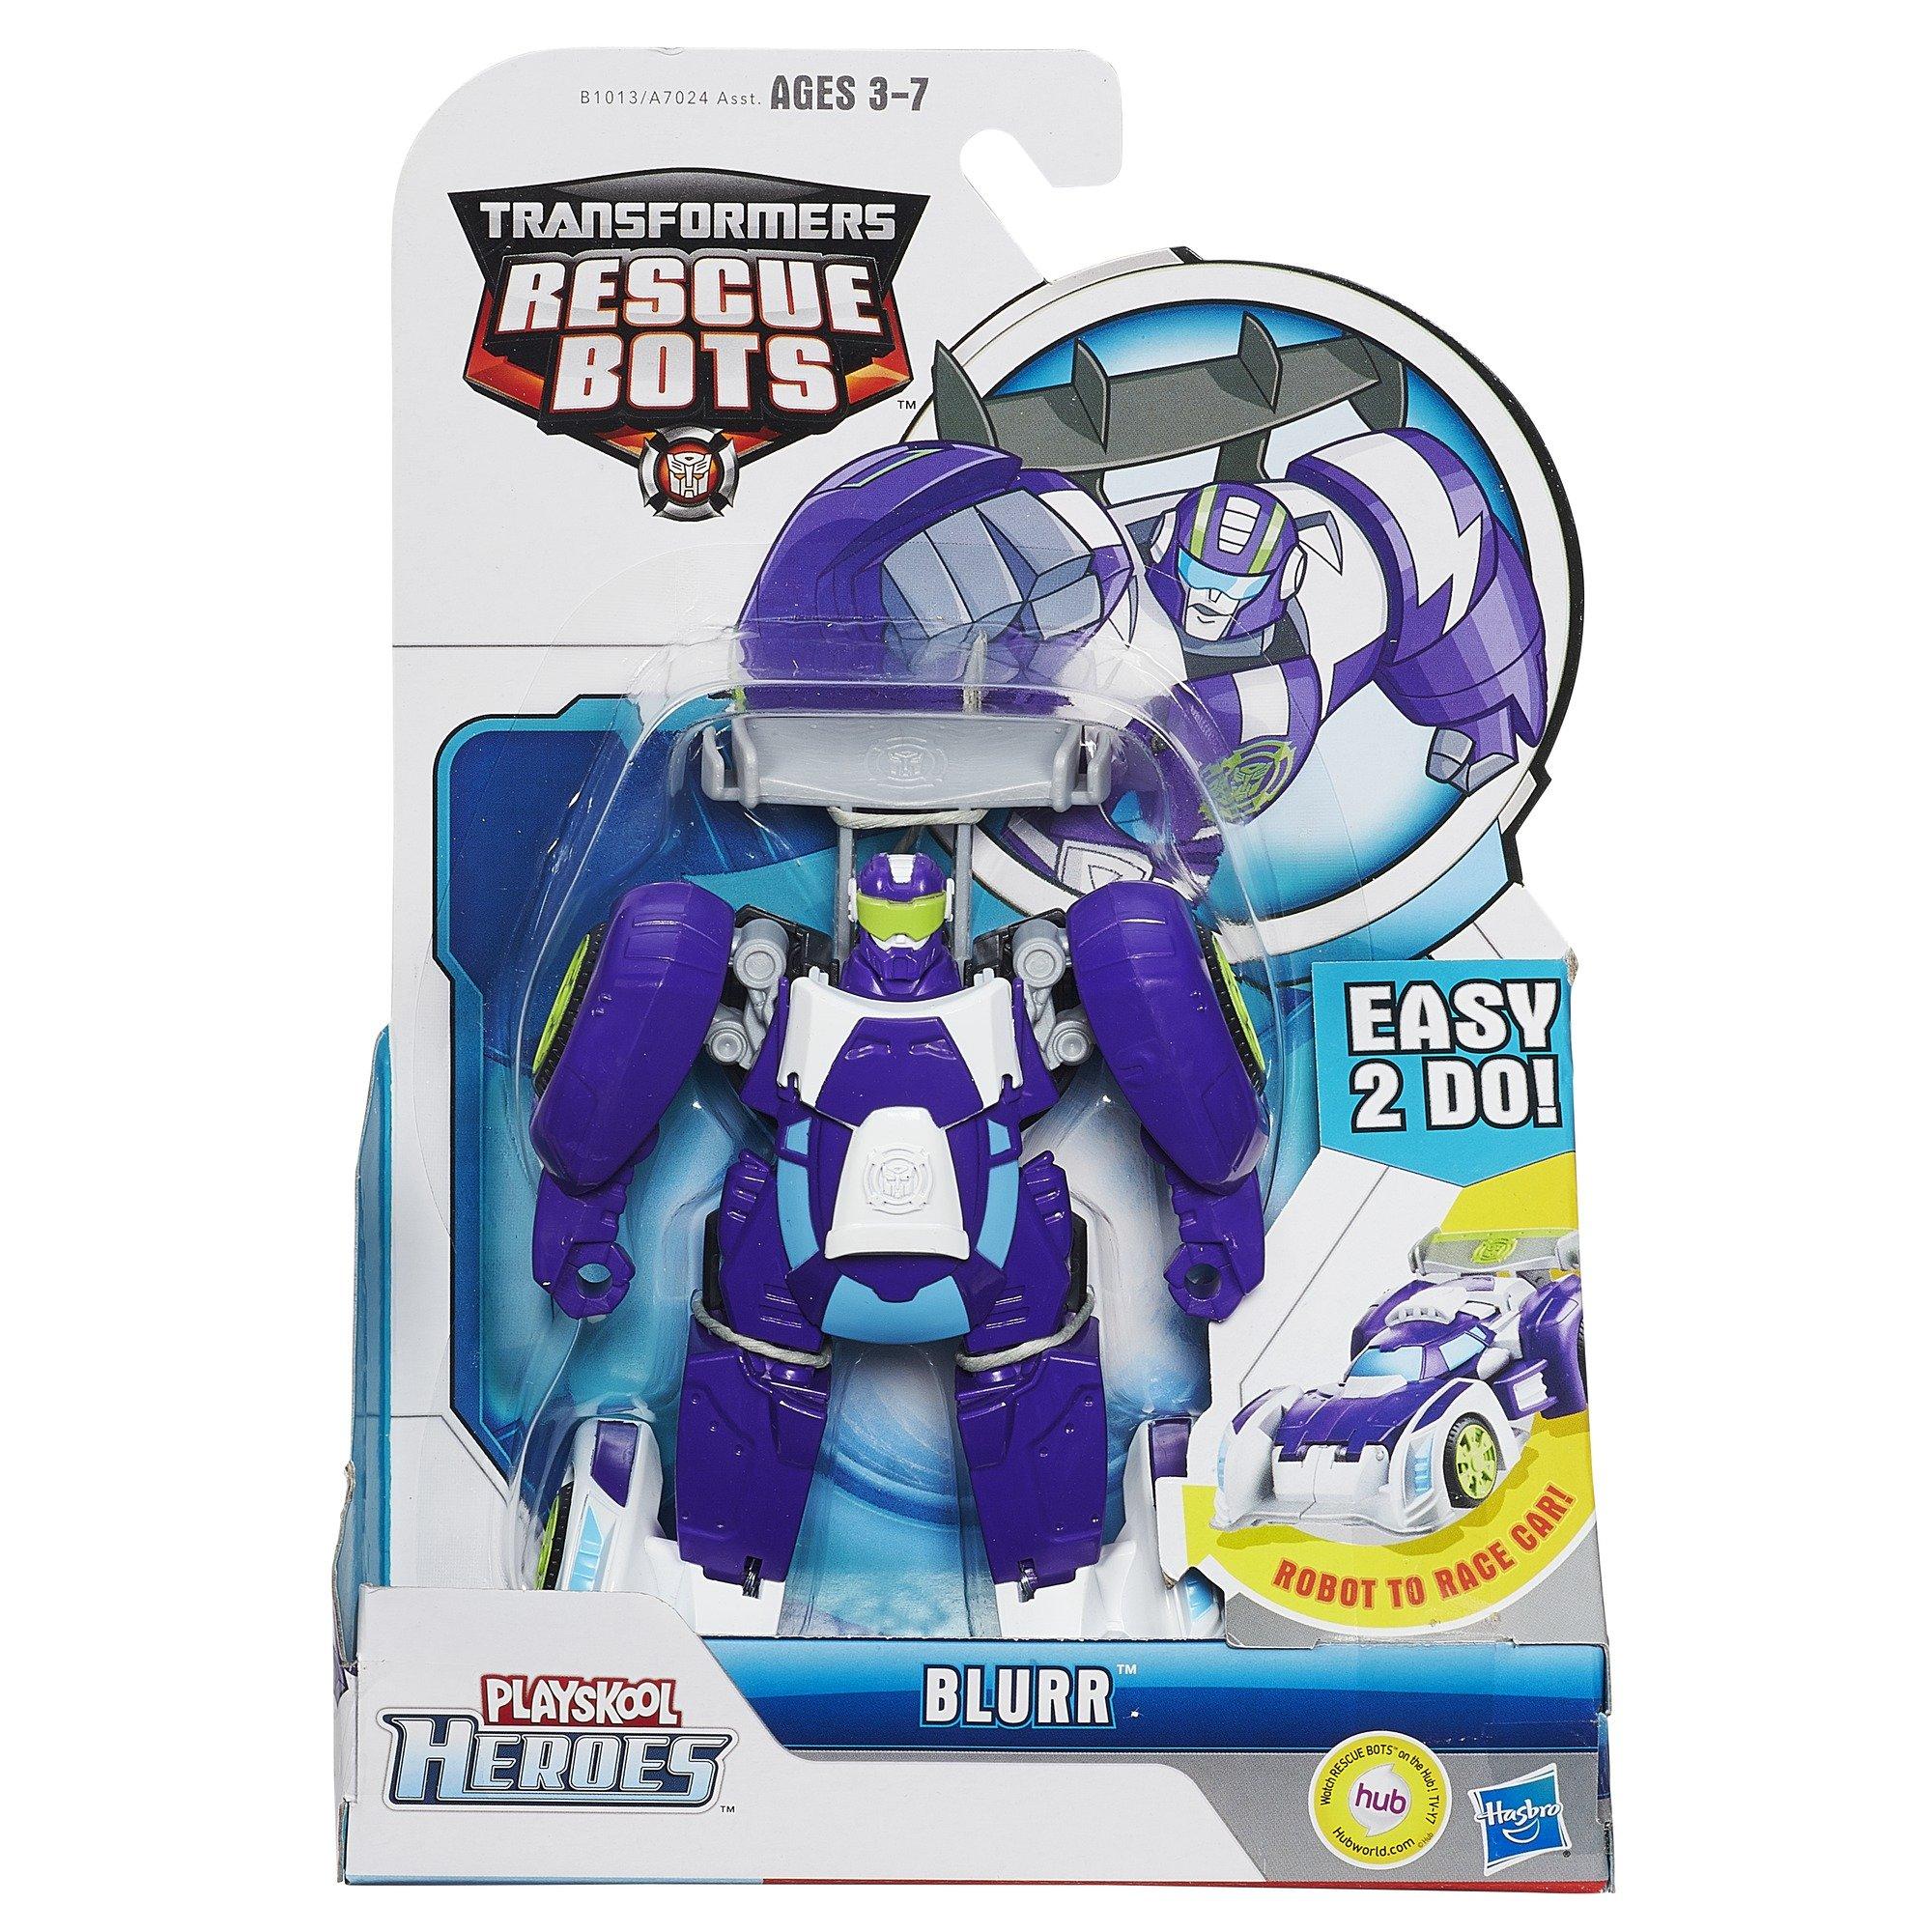 Playskool B1013 Heroes Transformers Rescue Bots Blurr Figure by Playskool (Image #2)